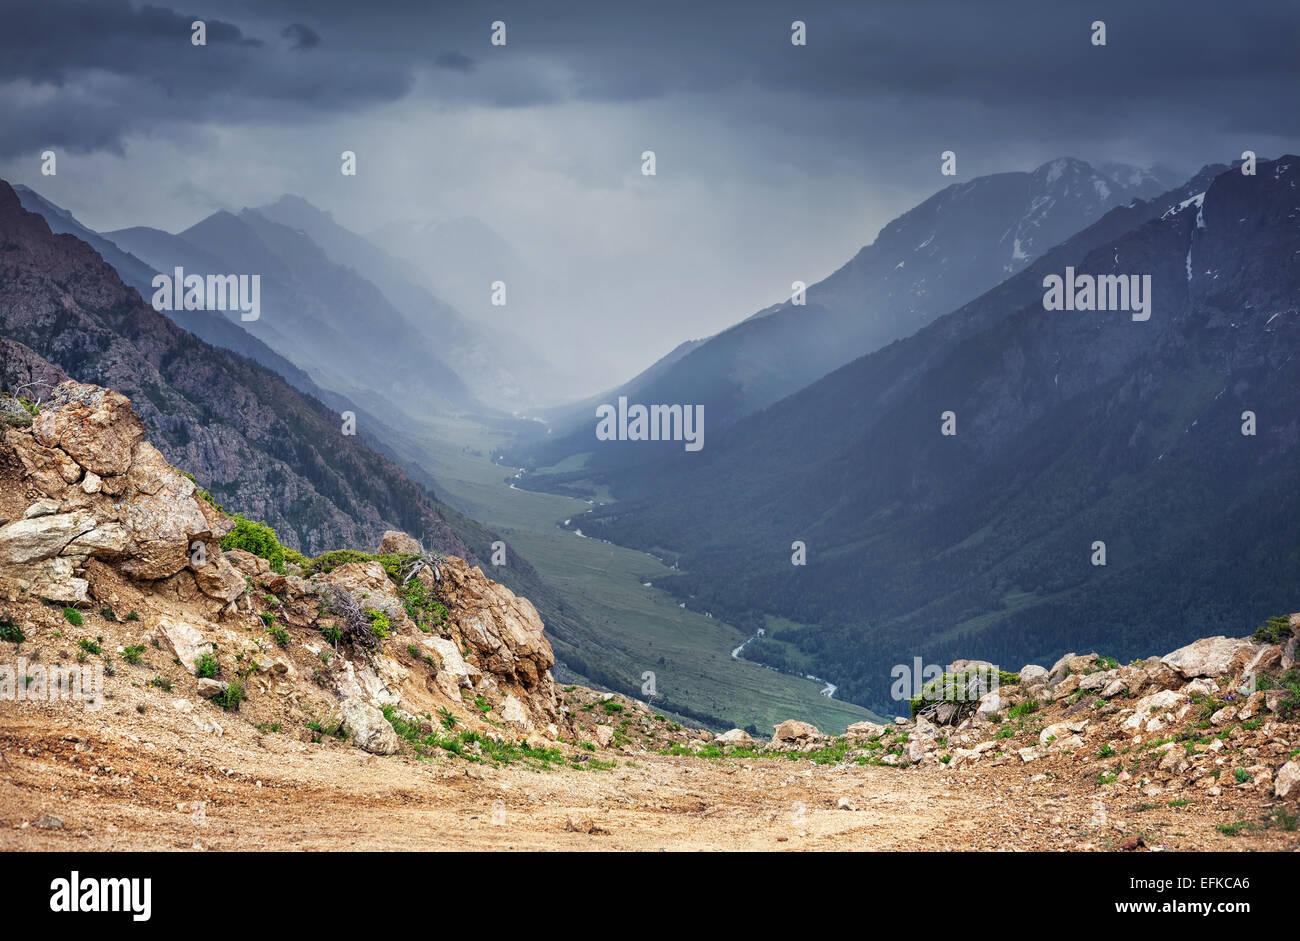 Valle di montagna con il fiume e cucire a sopraggitto cielo grigio in Dzungarian Alatau Kazakistan, in Asia centrale Immagini Stock